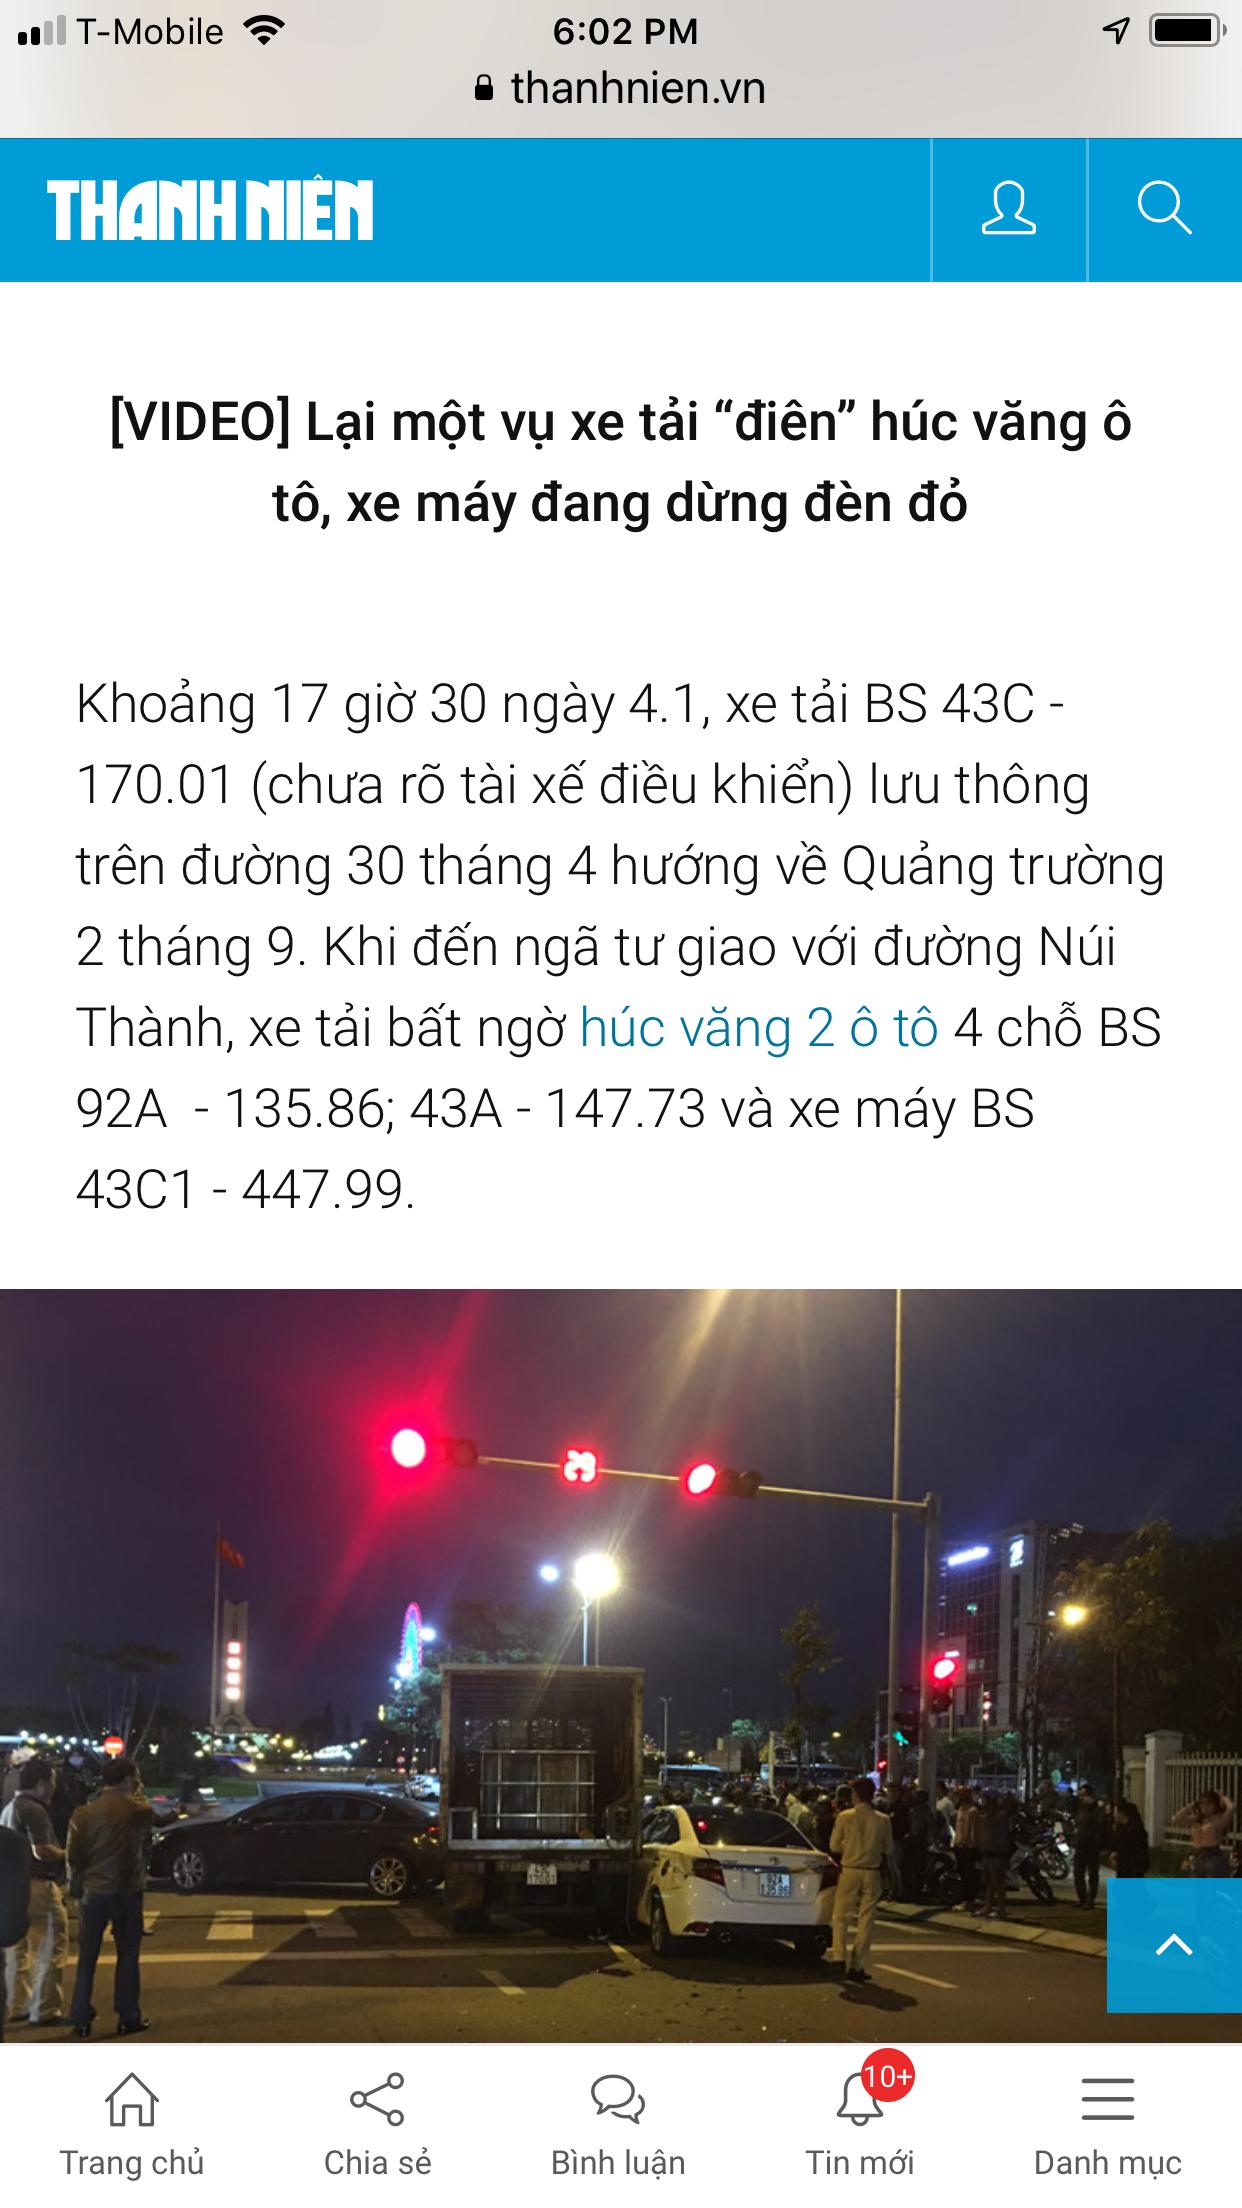 84C01D8B-C98A-4482-B506-E37C0B756827.png